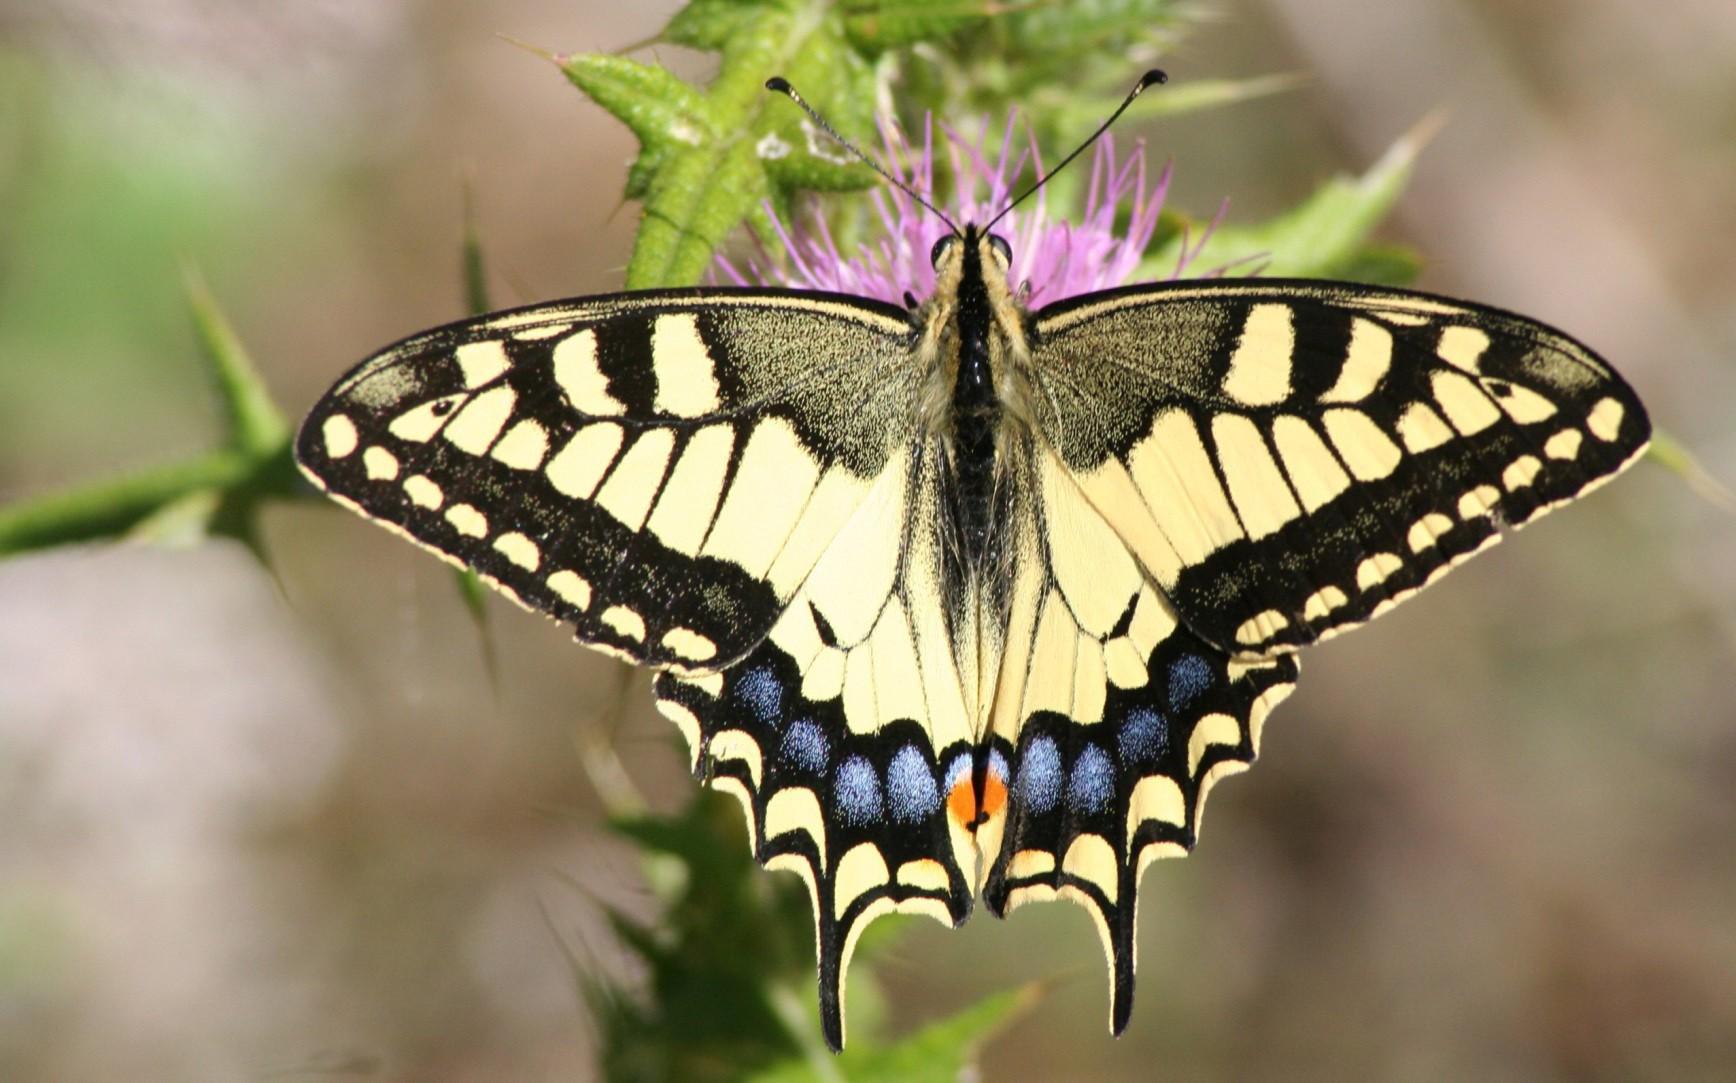 Махаон – красивая бабочка или злостный вредитель?